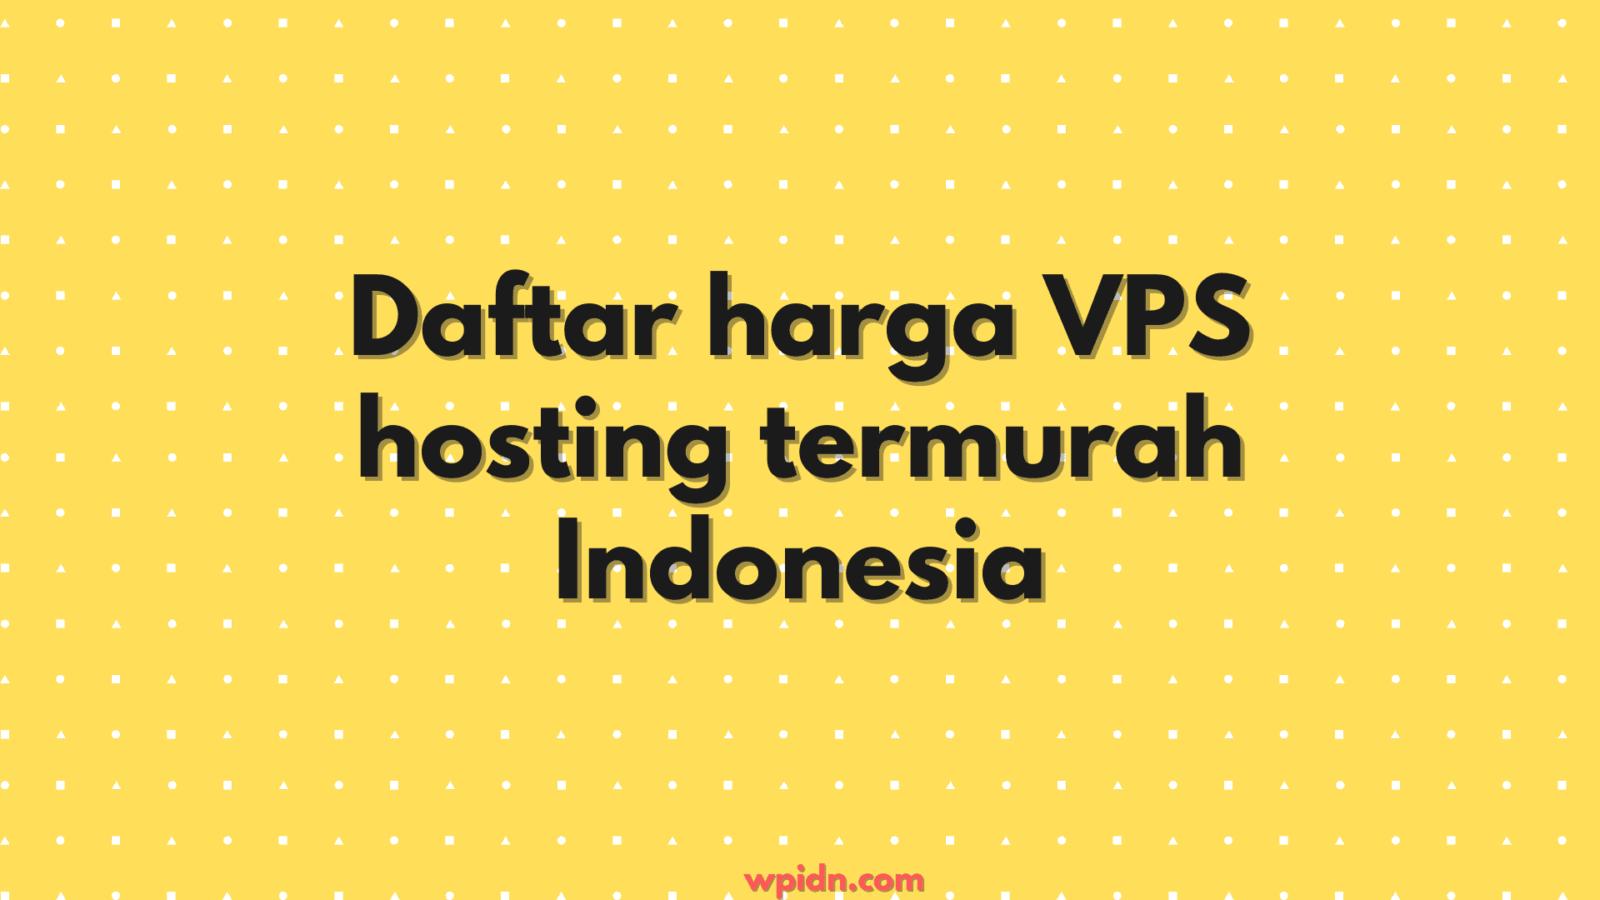 Daftar harga VPS hosting termurah Indonesia (2021)